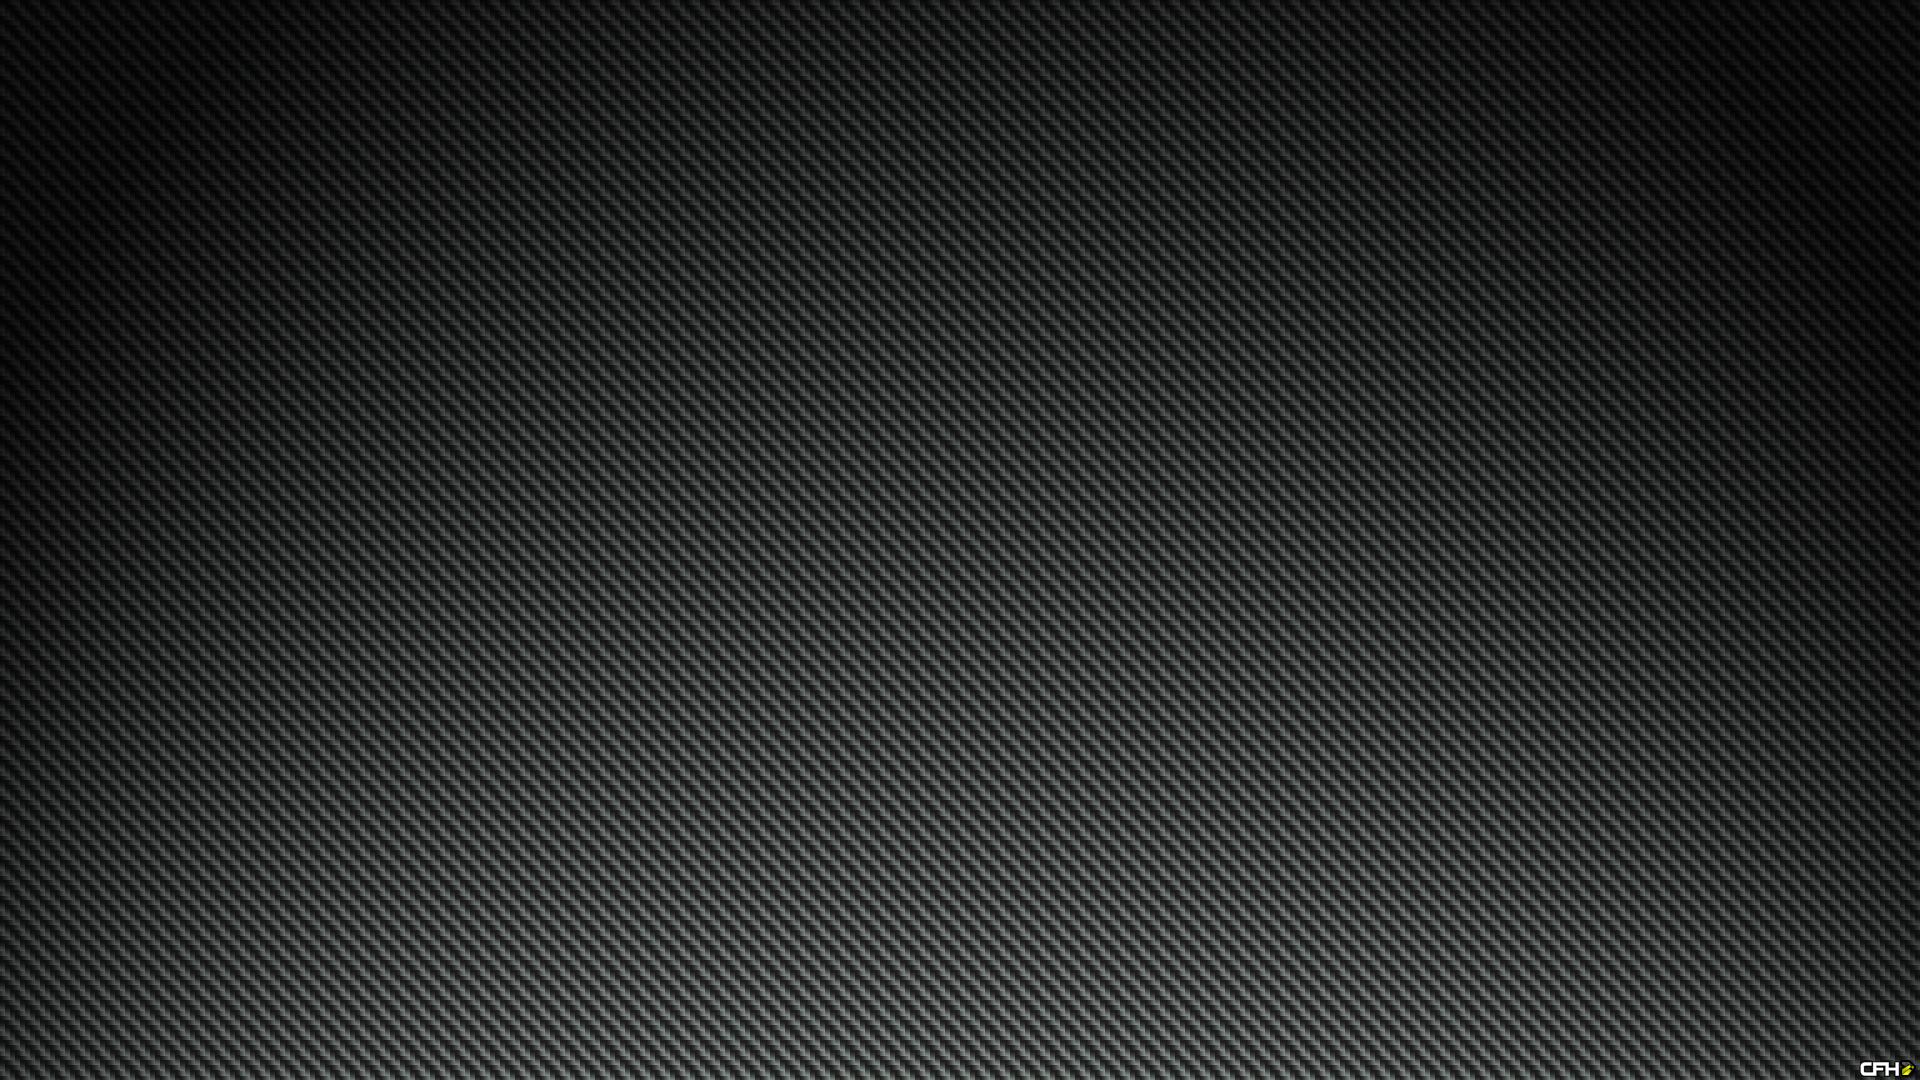 Carbon Fiber Carbonfiberhoods Com 951652 Wallpaper wallpaper